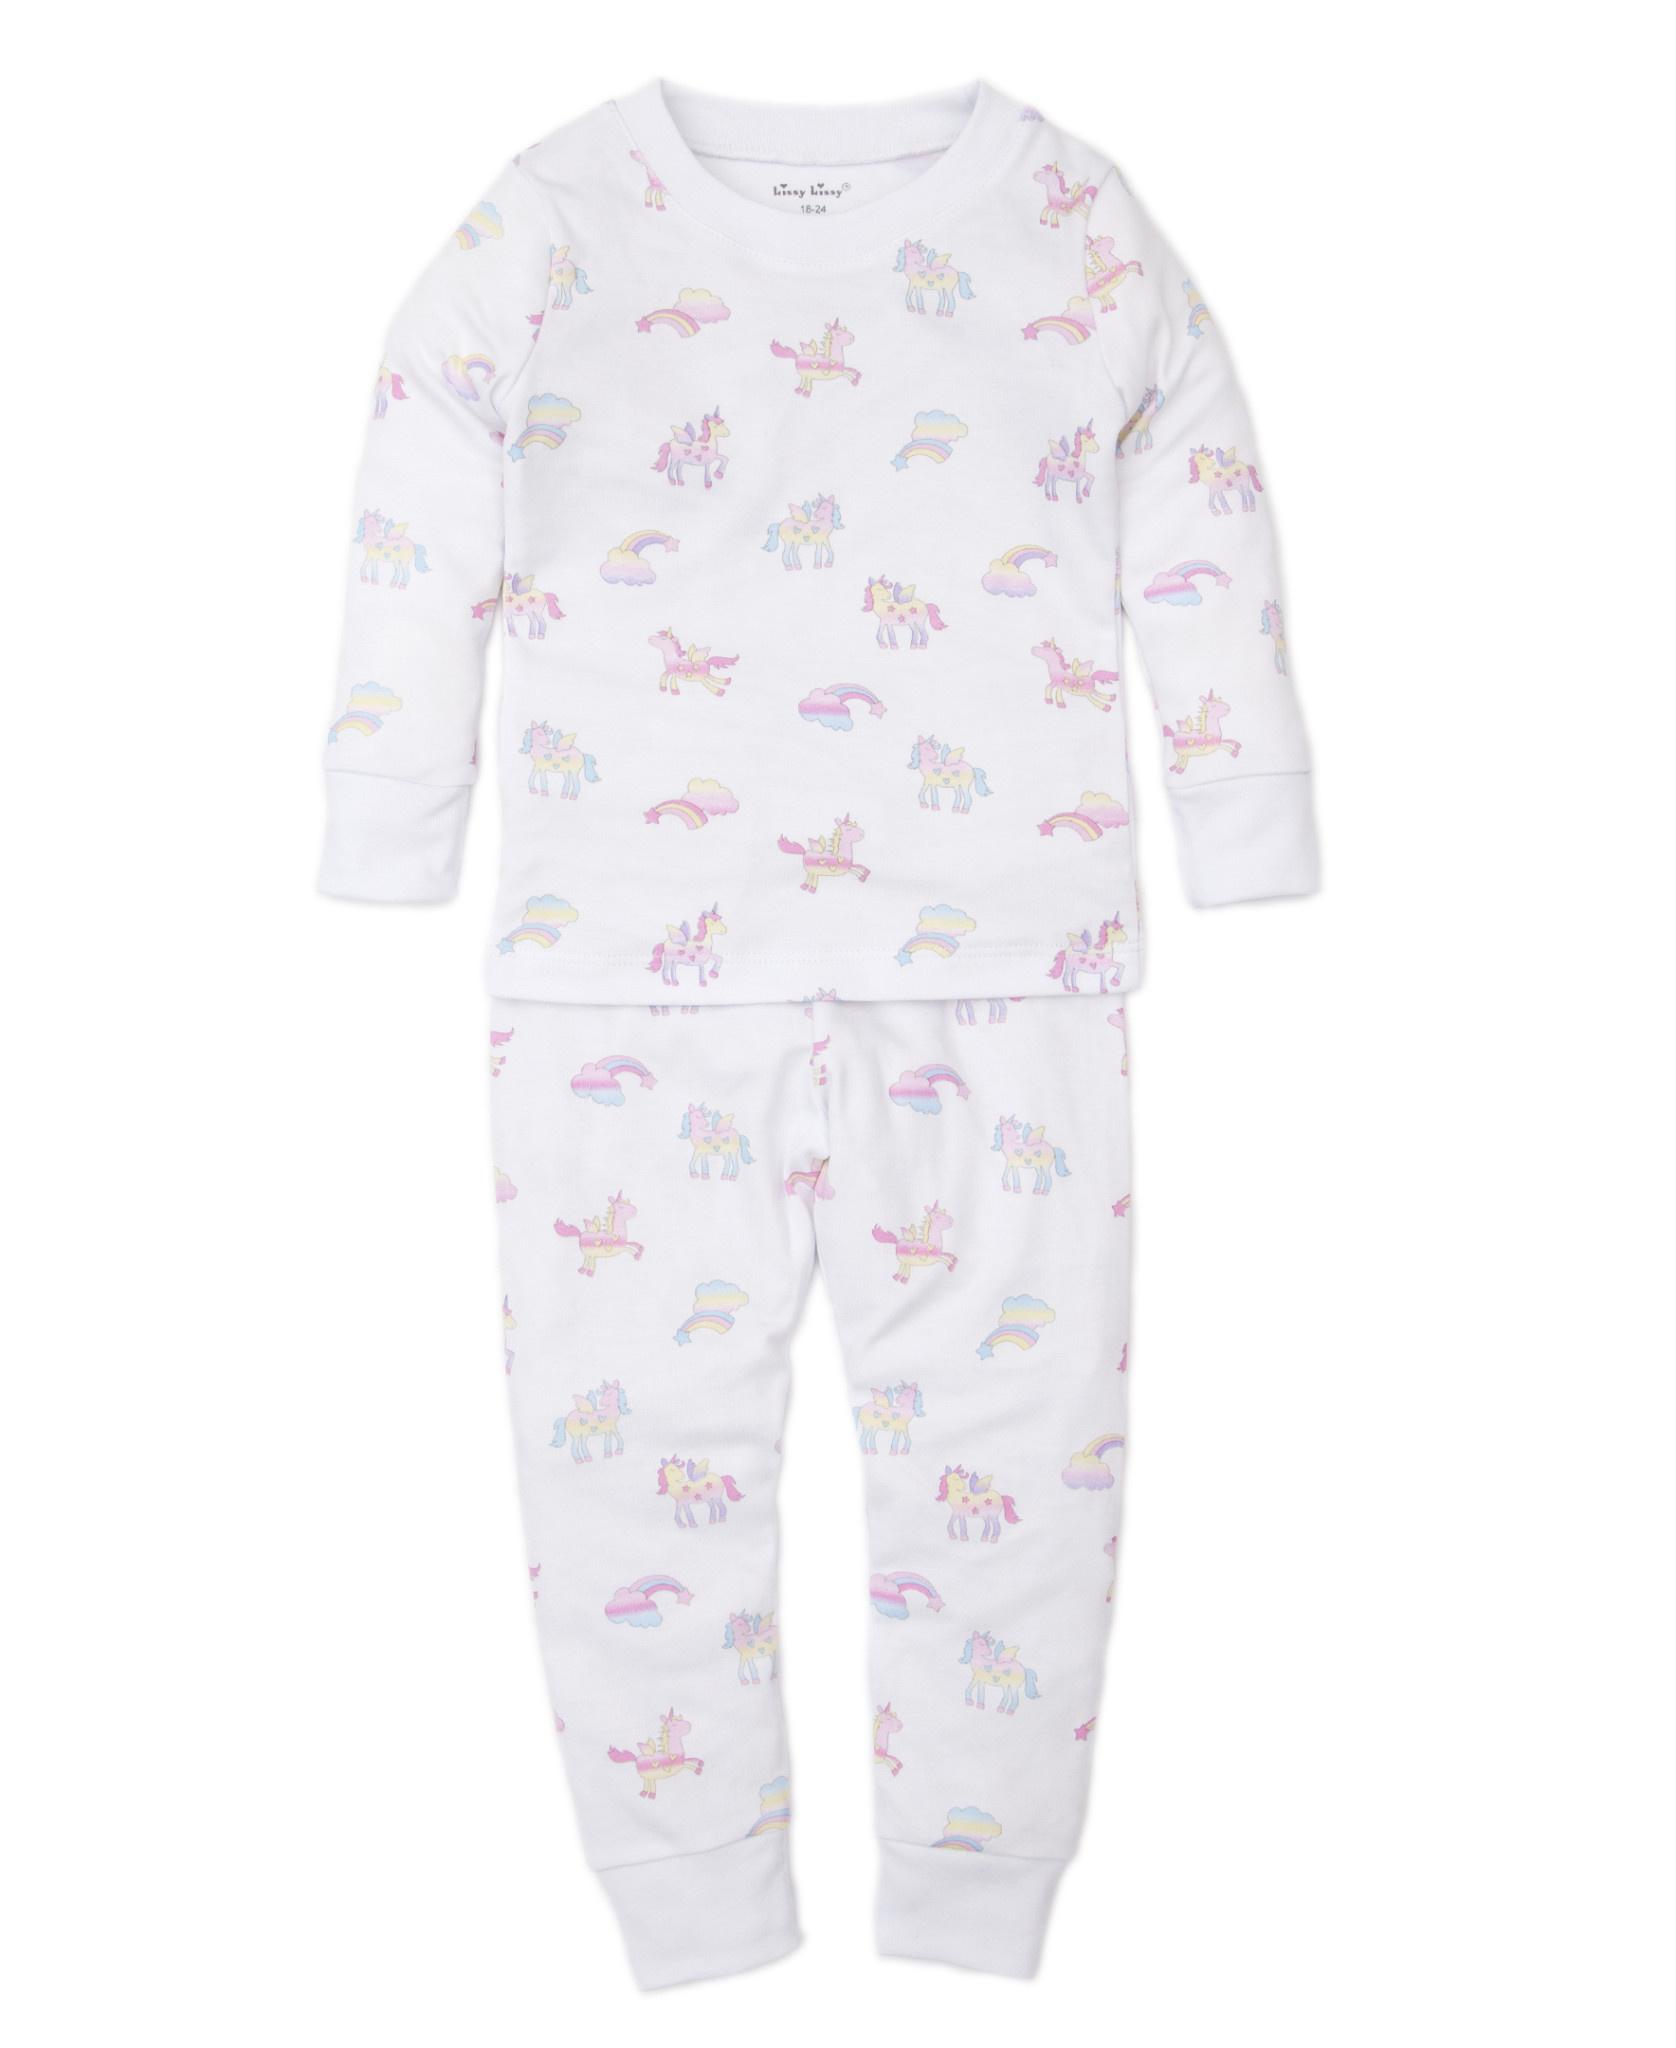 Kissy Kissy Unicorn Utopia Toddler Pajamas